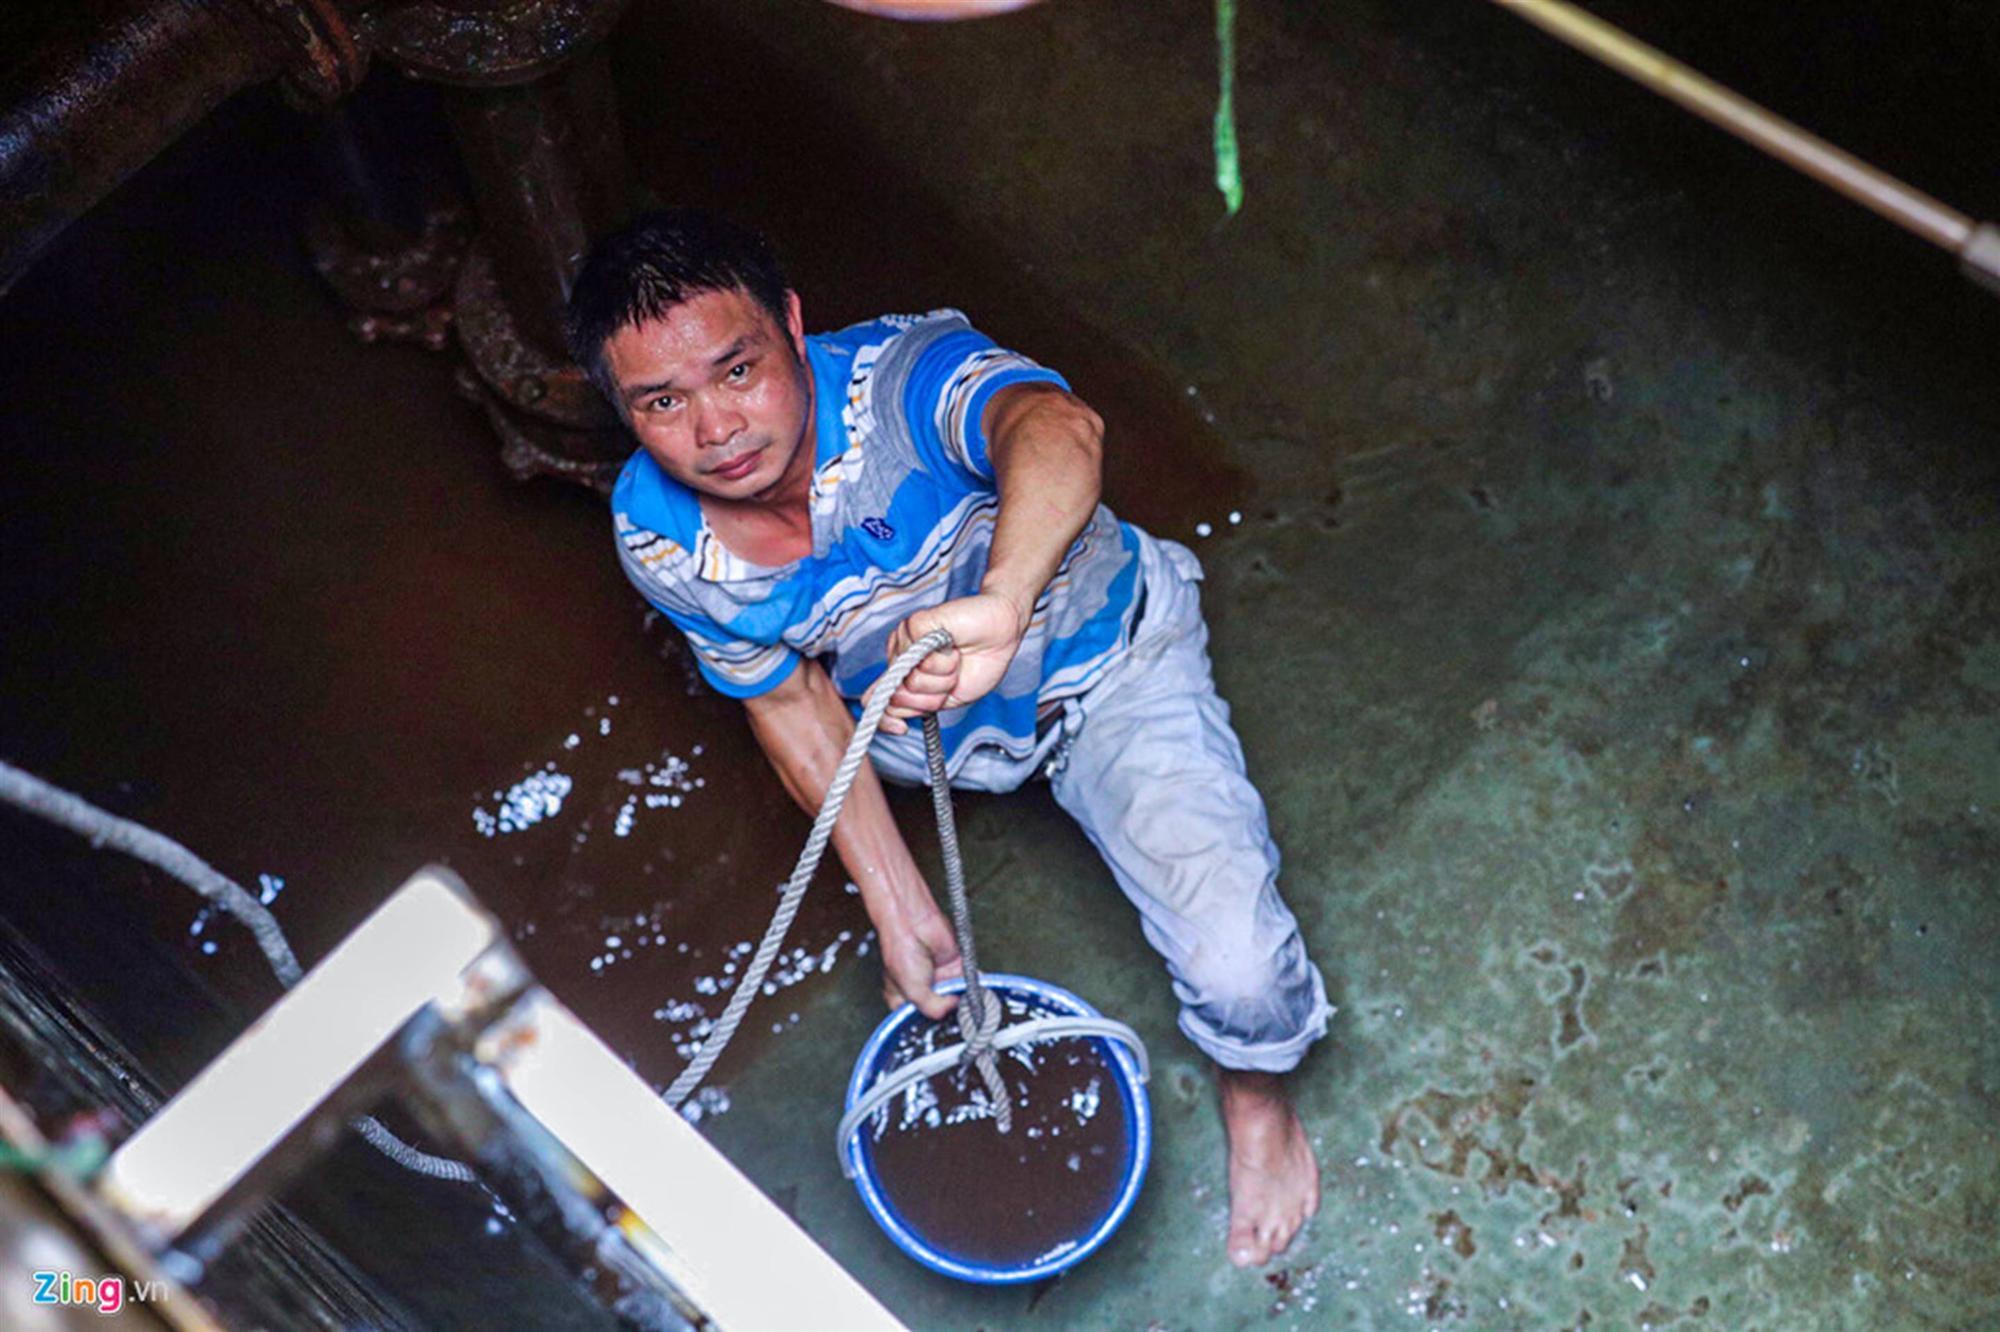 Nước đen kịt, mùi dầu nồng nặc khi thau rửa bể chung cư Hà Nội-9